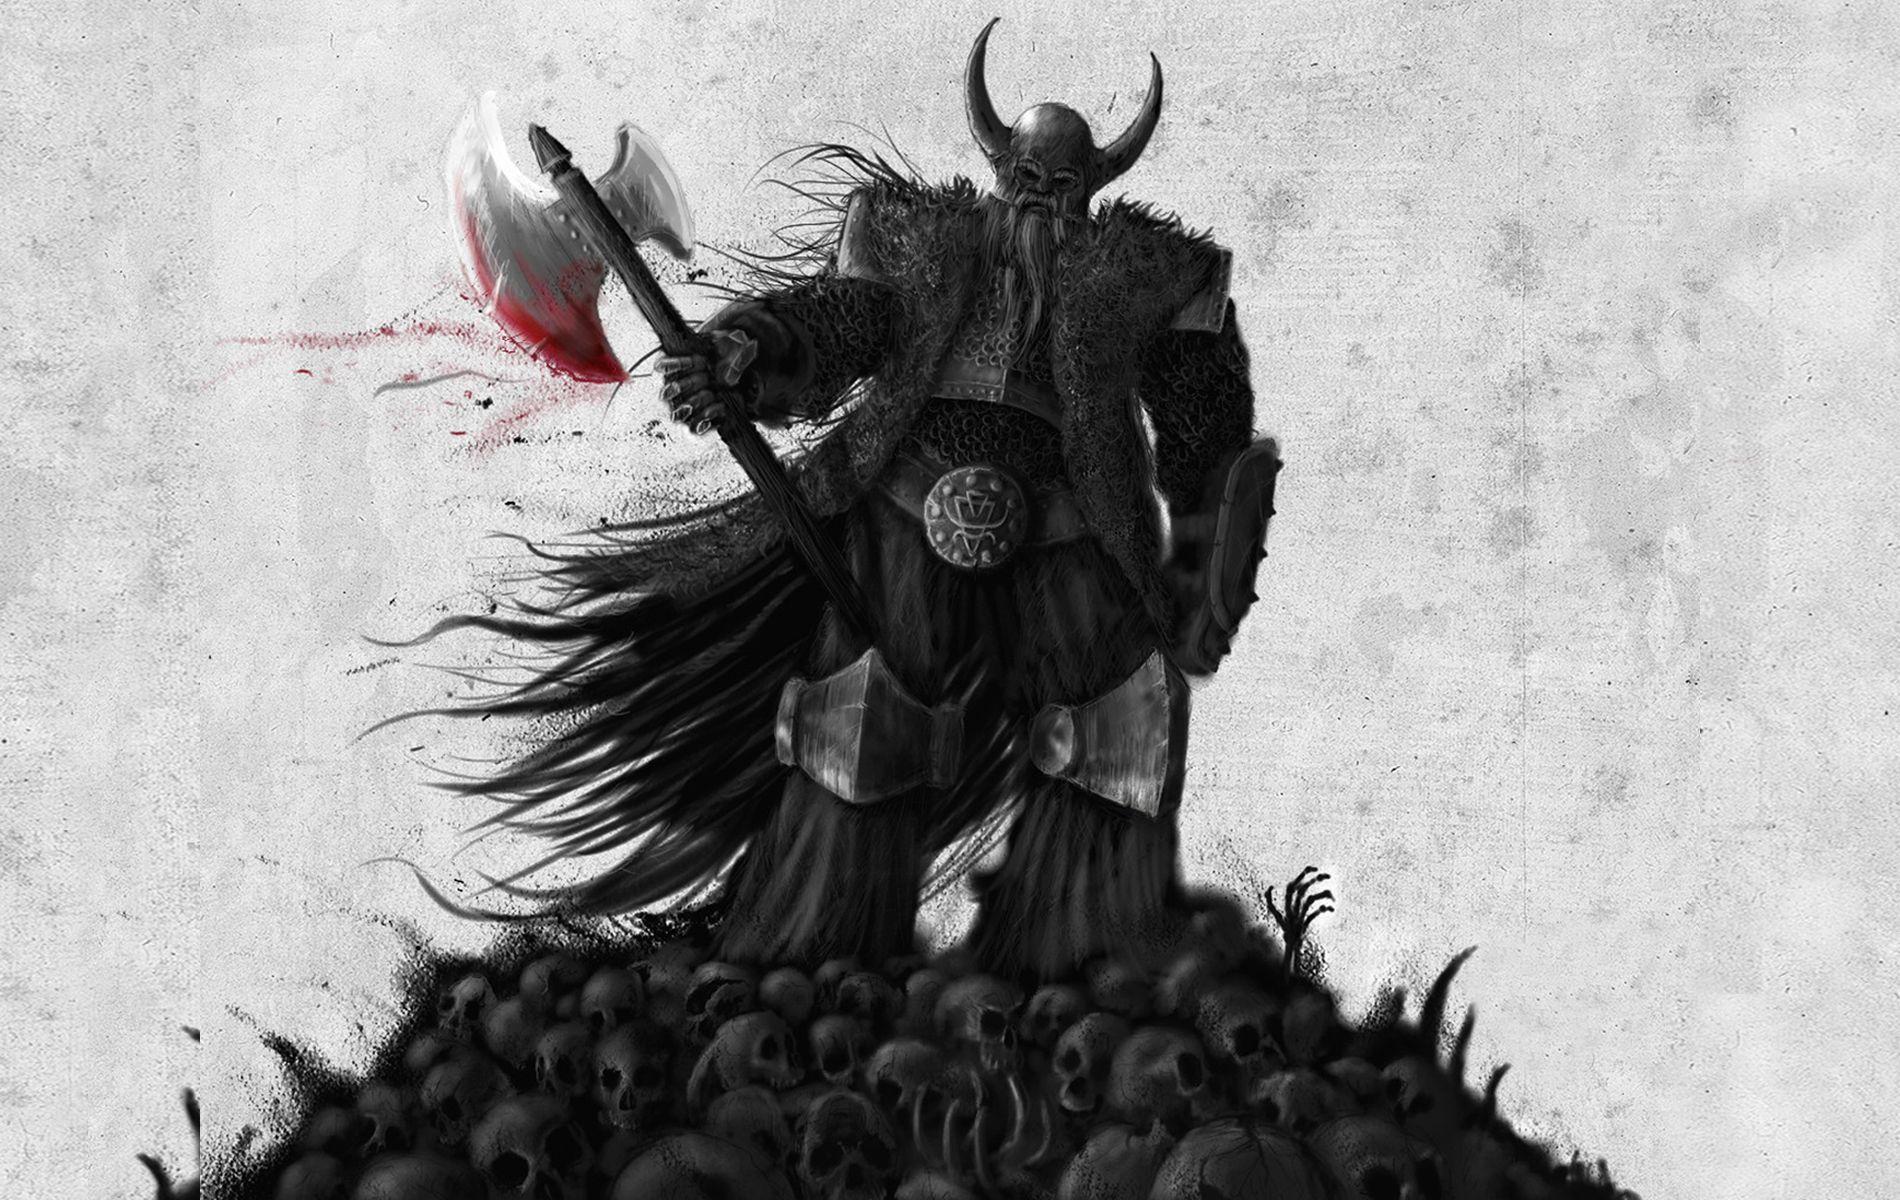 viking warrior art wallpaper for desktop viking warrior